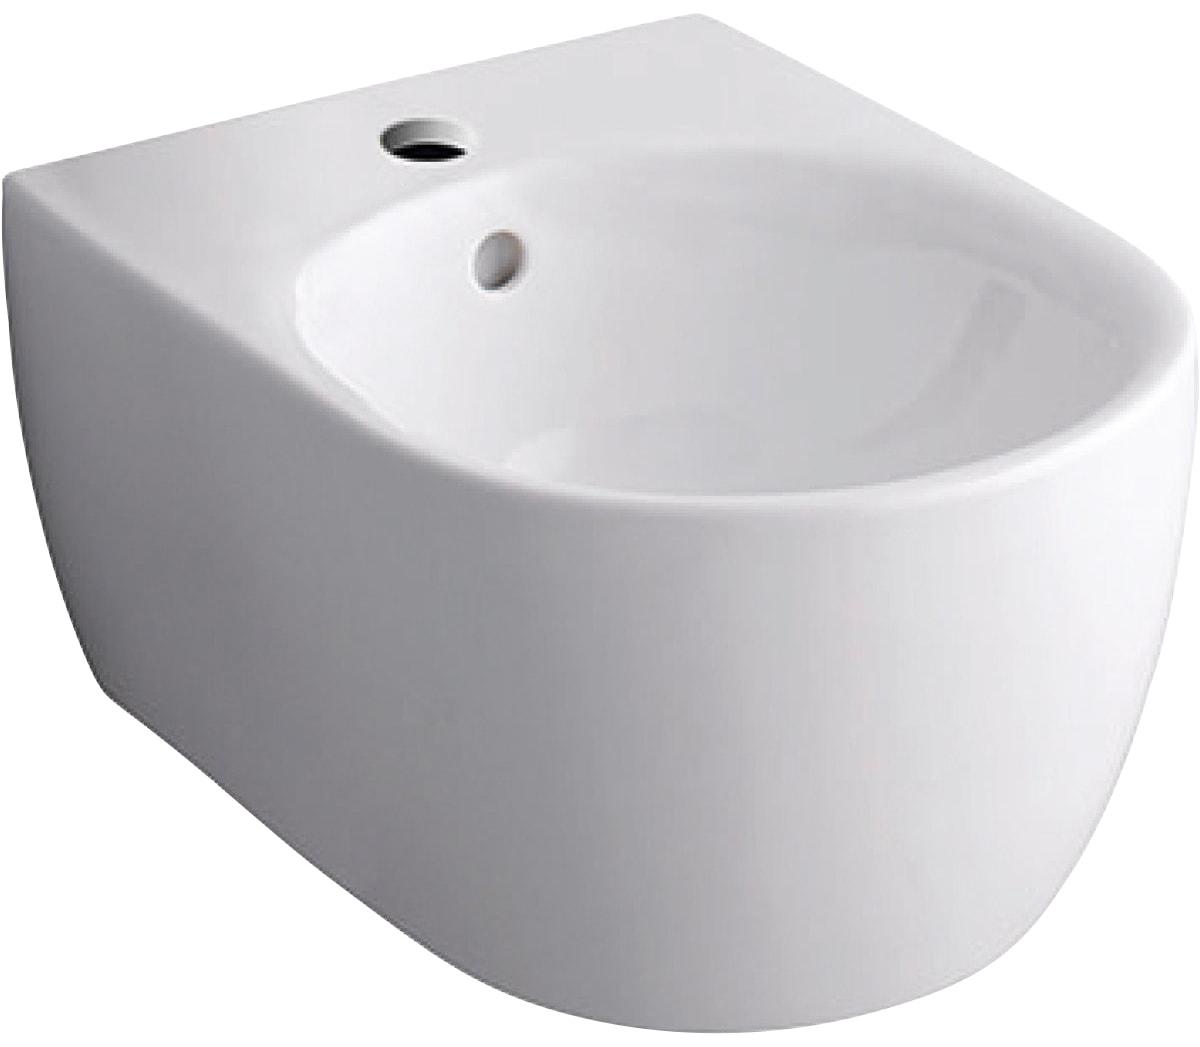 GEBERIT Bidet iCon, mit Überlauf weiß Bidets Bad Sanitär